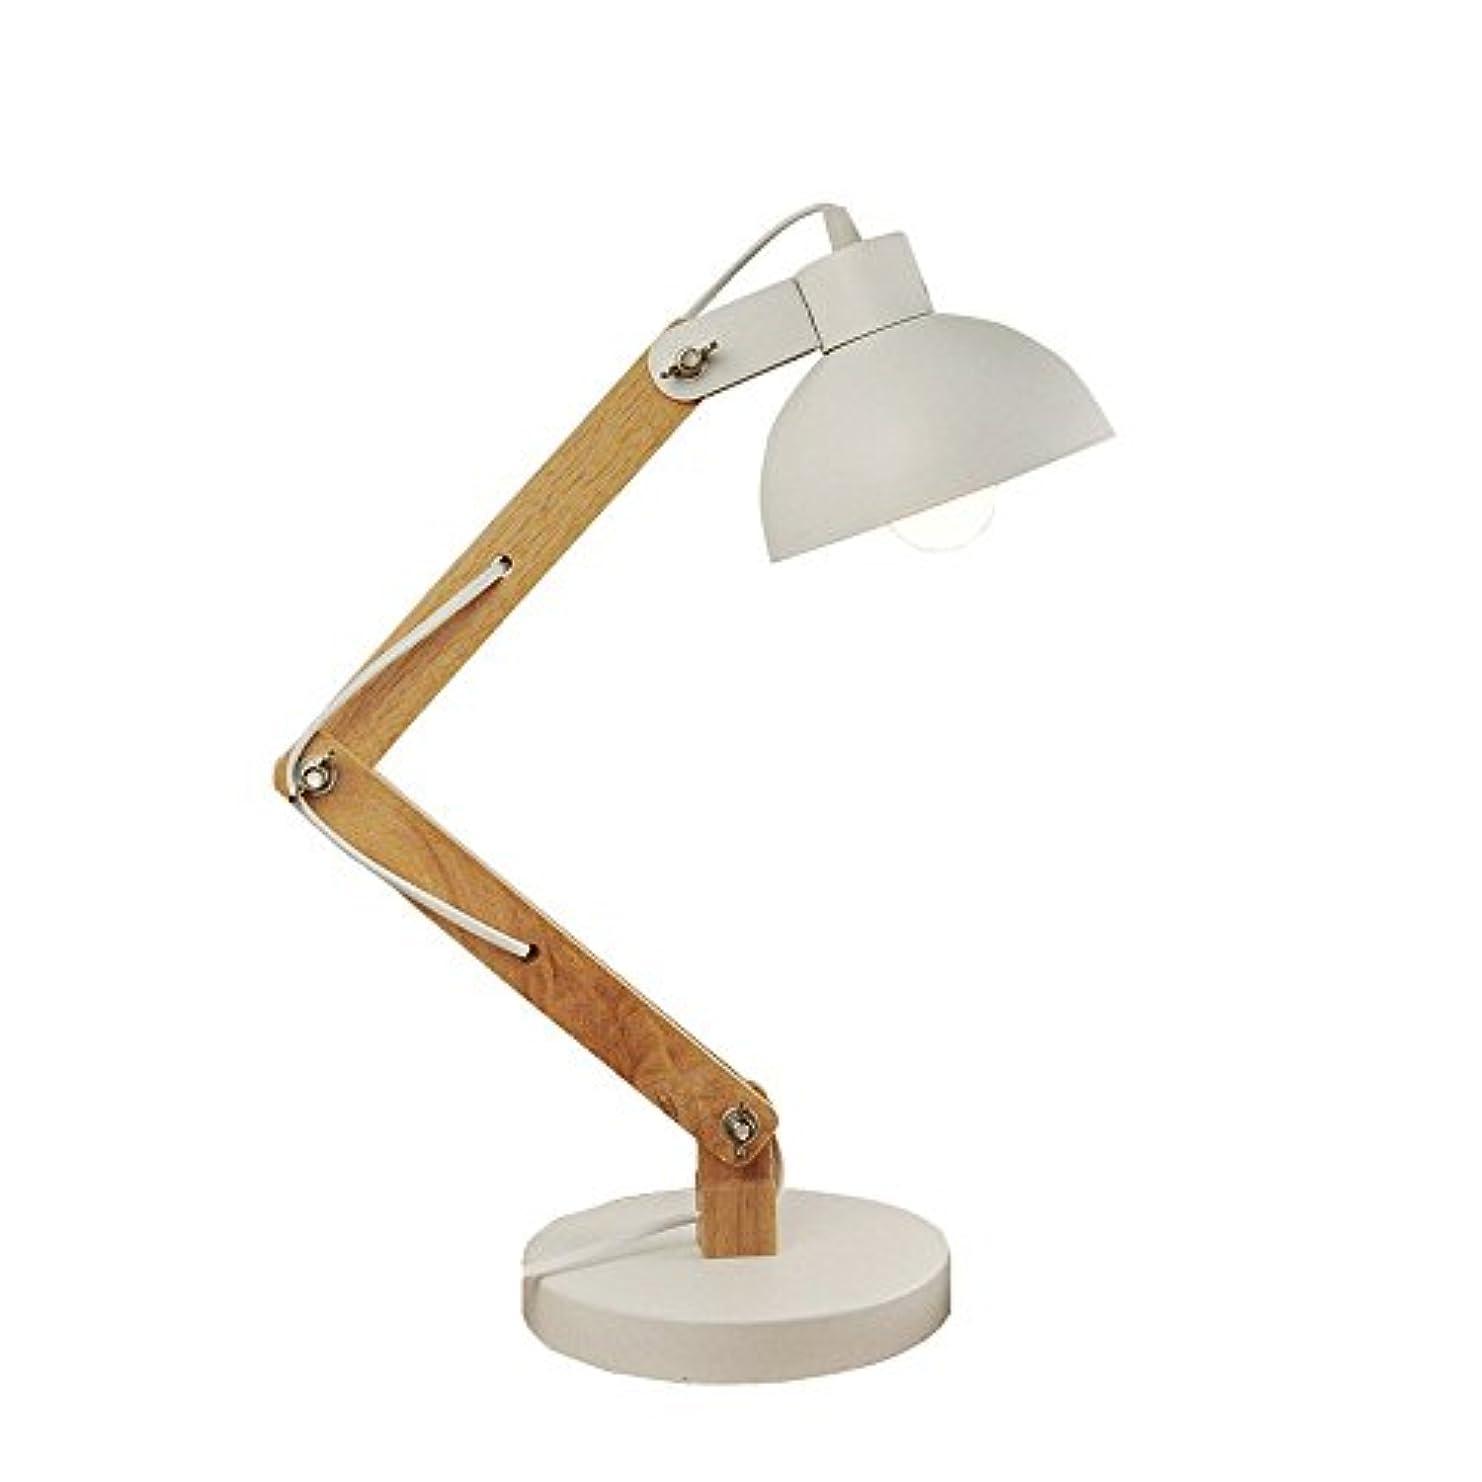 罪赤北欧木製テーブルランプ調節可能なLEDデスクランプブラック/ホワイトデスク読書ランプリビングルームスタディデスクデコレーションランプ (Color : White)